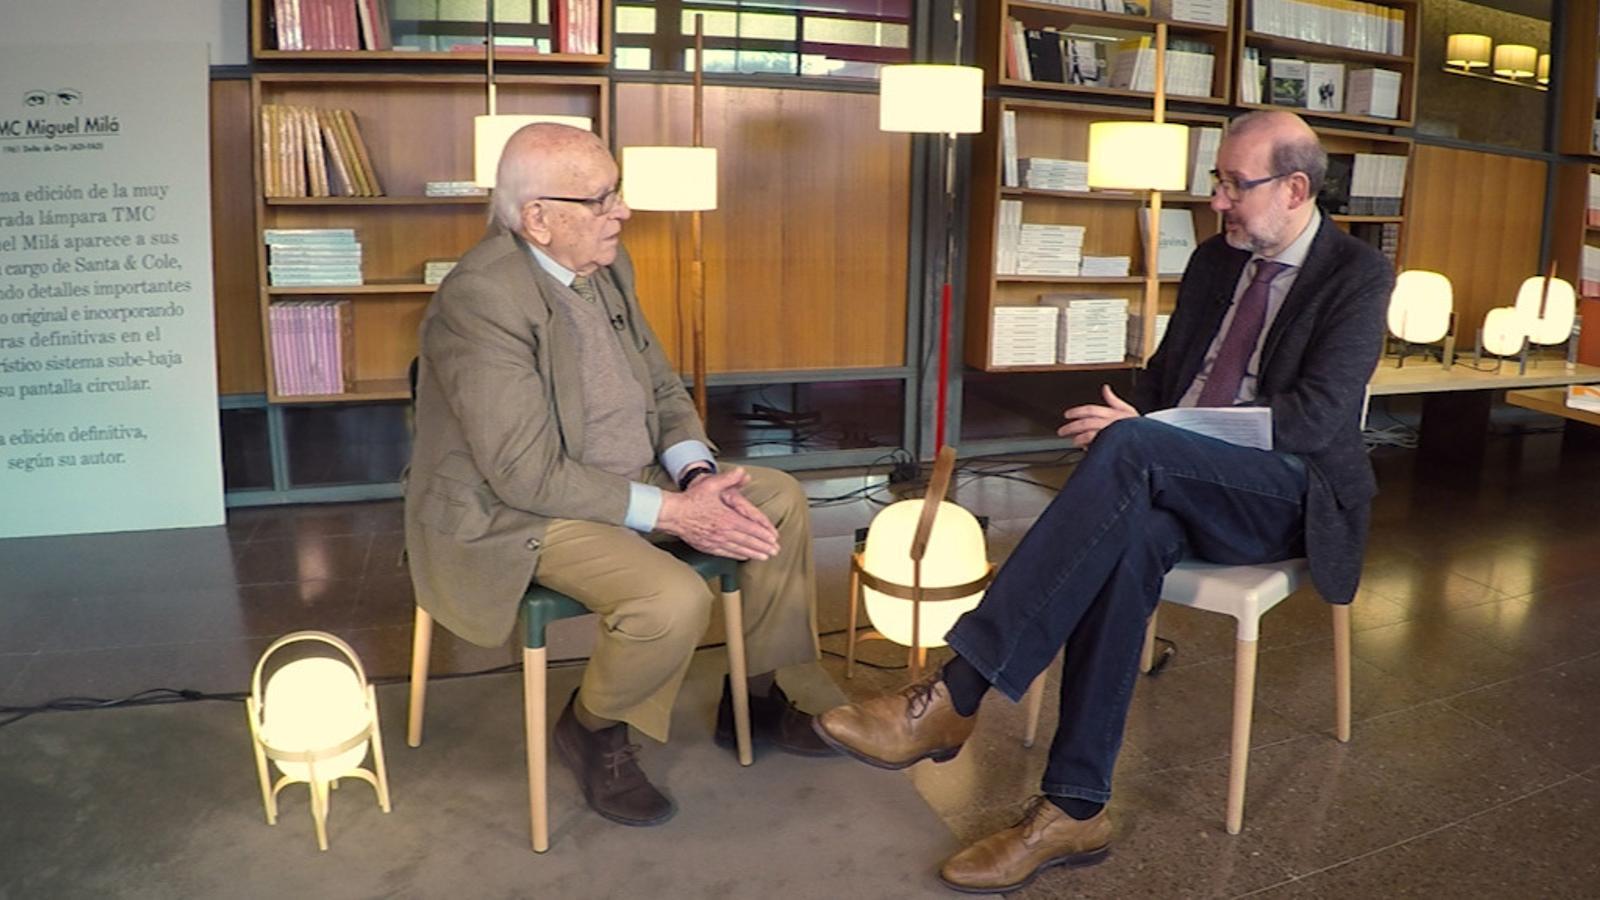 Entrevista d'Antoni Bassas a Miguel Milá